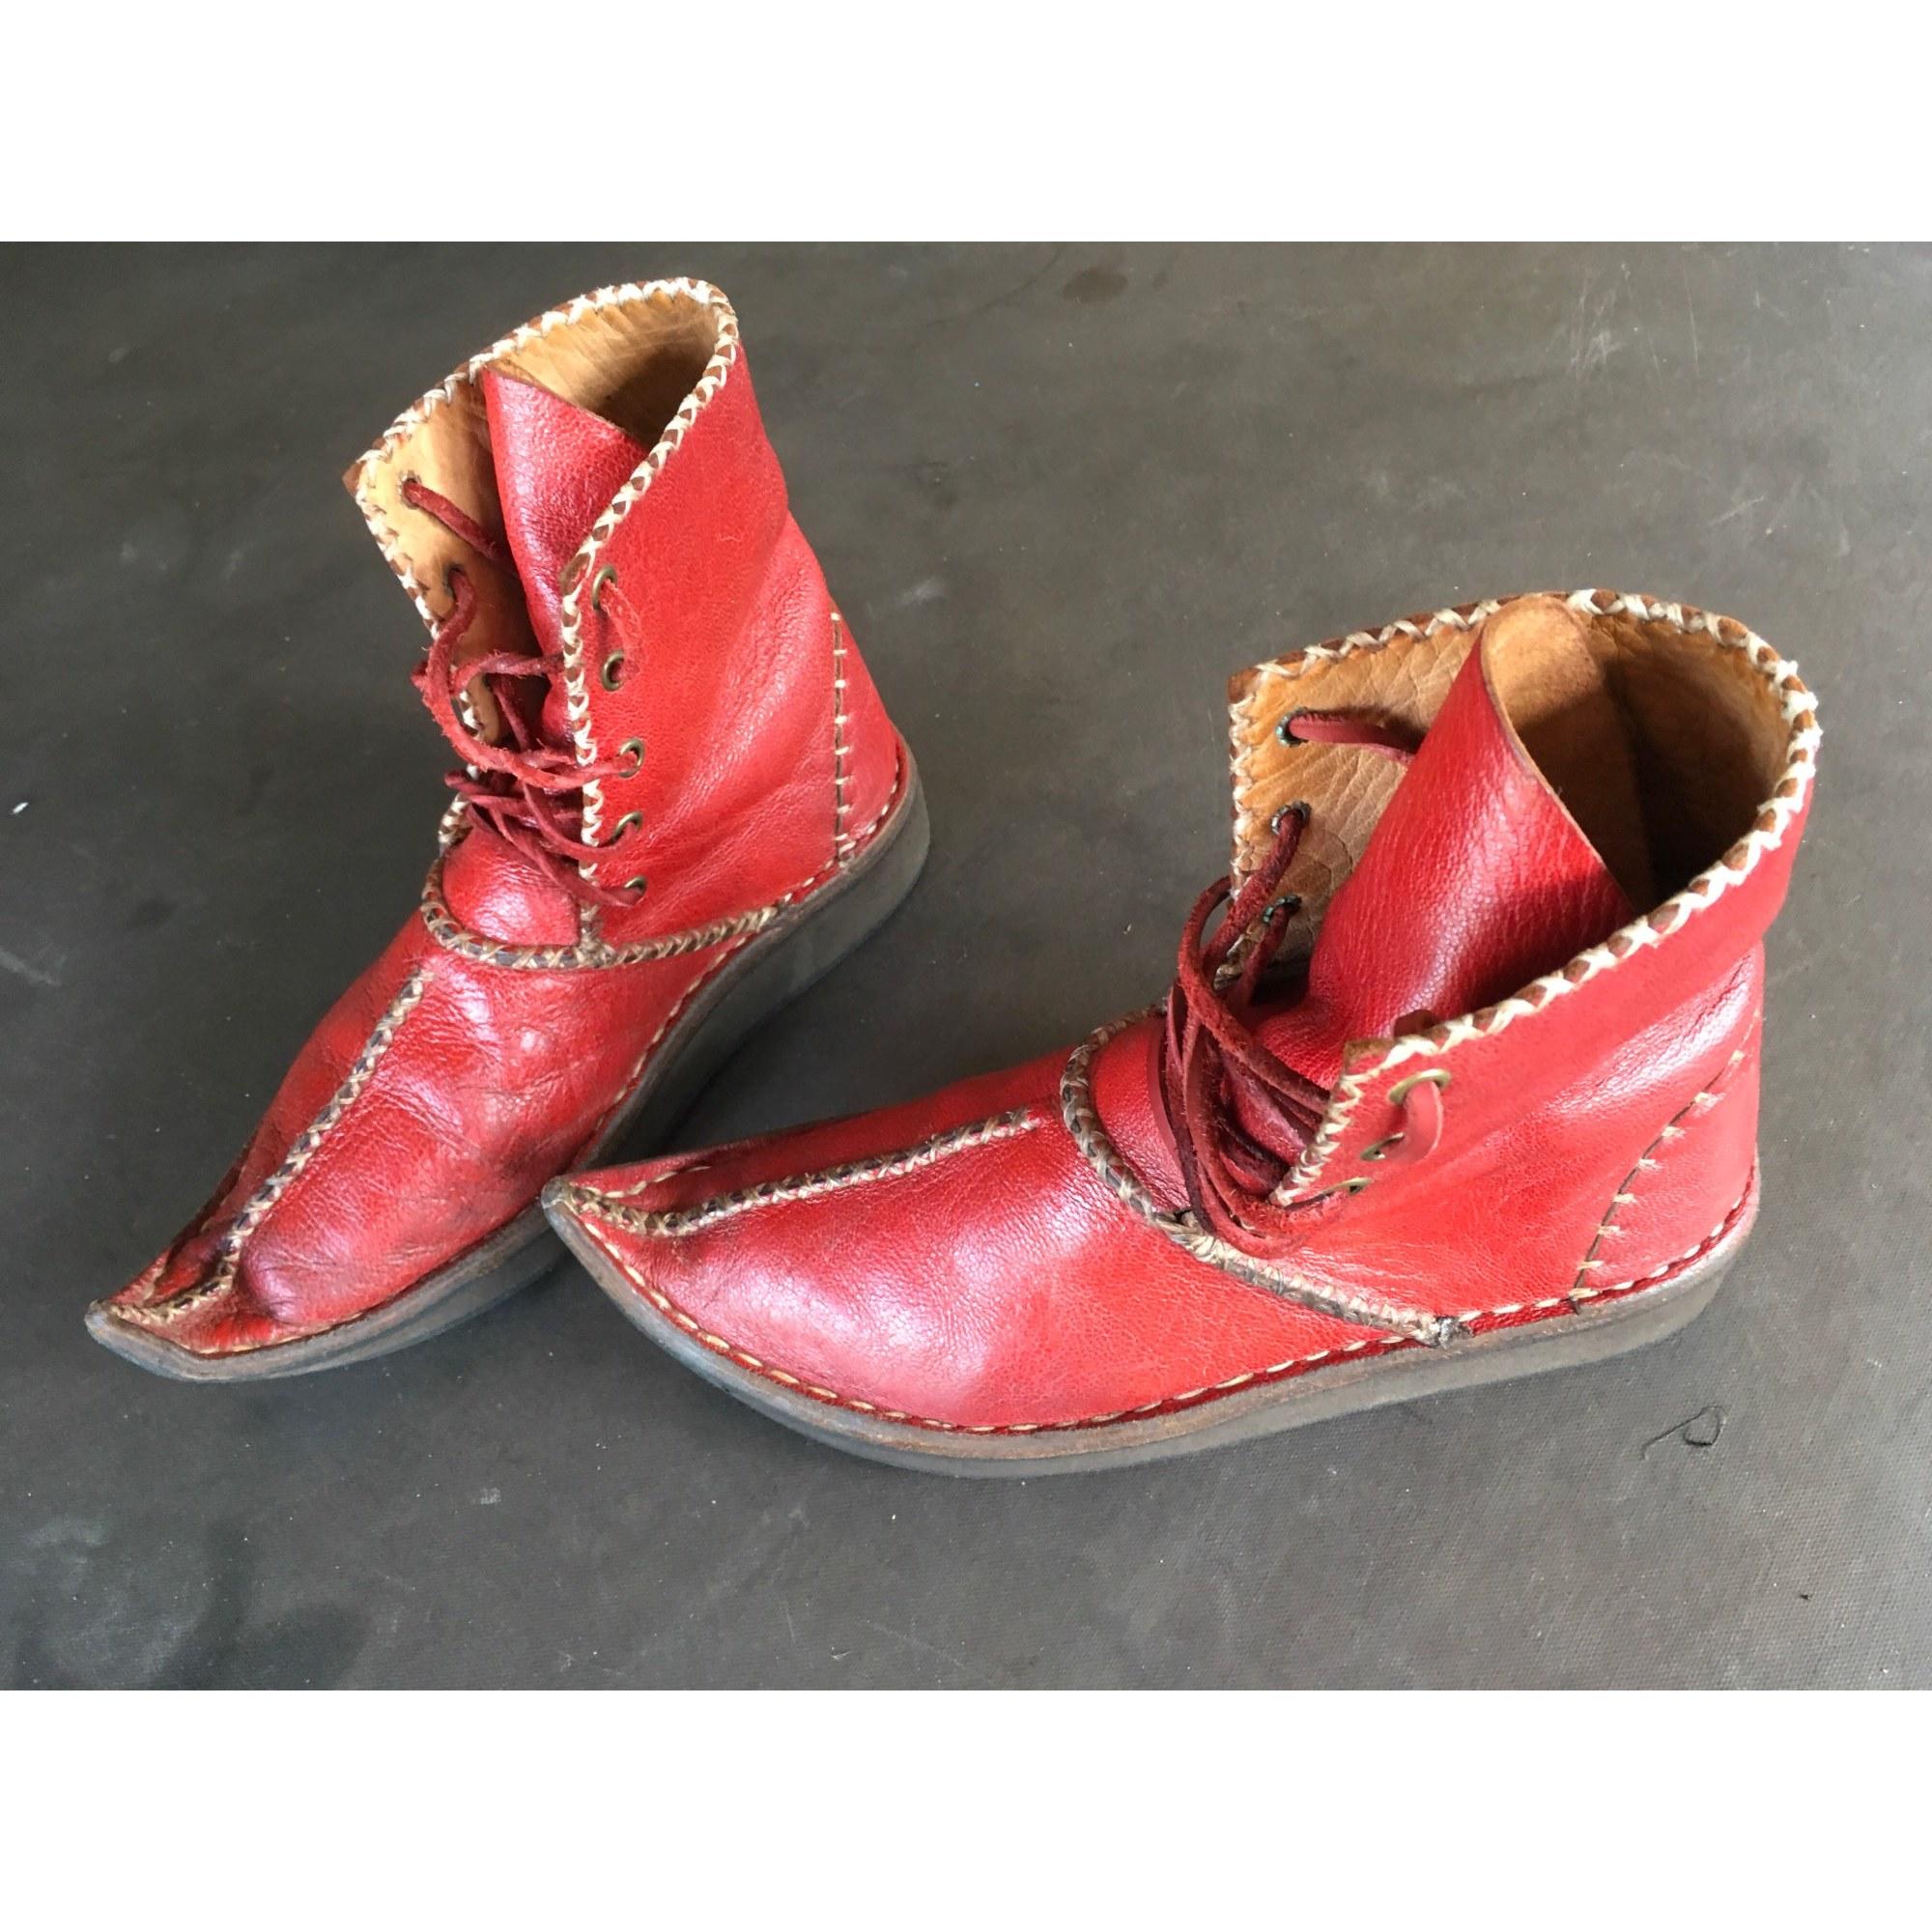 Bottines & low boots plates ART Bordeaux